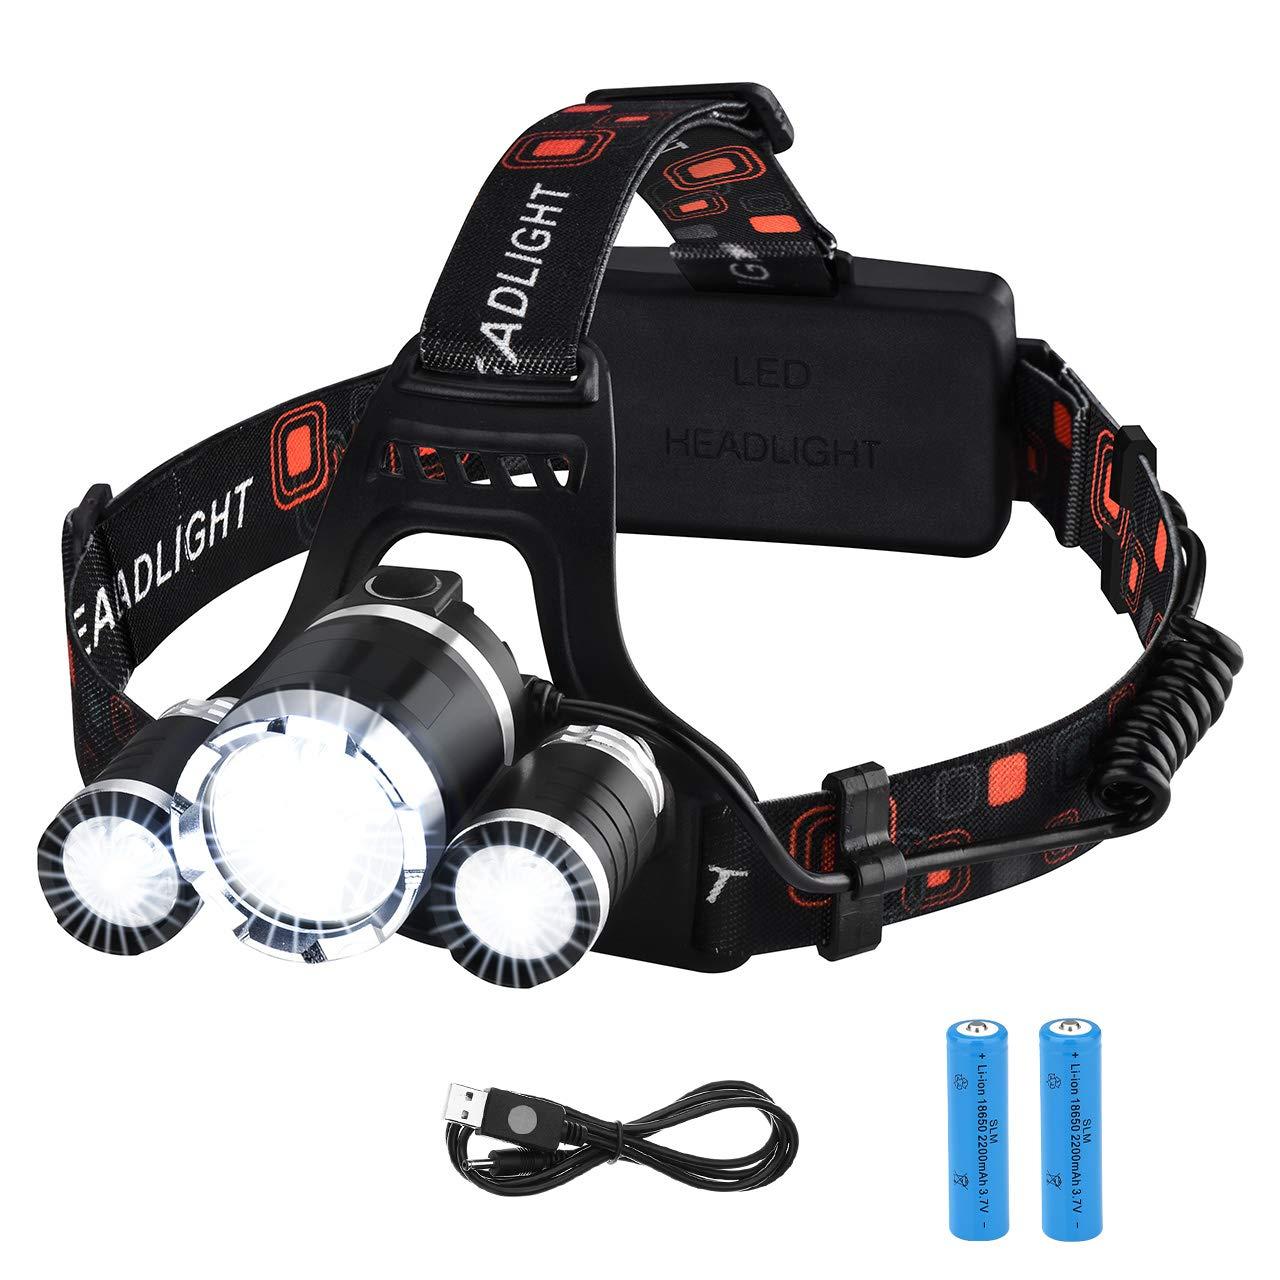 VicTsing Linterna Frontal LED, Alta Potencia 6000 Lúmenes, Tiene 4 Tipos de Luz,La batería 18650 Dura Alrededor de Las 6 Horas y hasta 500 Metros para Camping, Pesca, Ciclismo, Carrera, Caza etc.